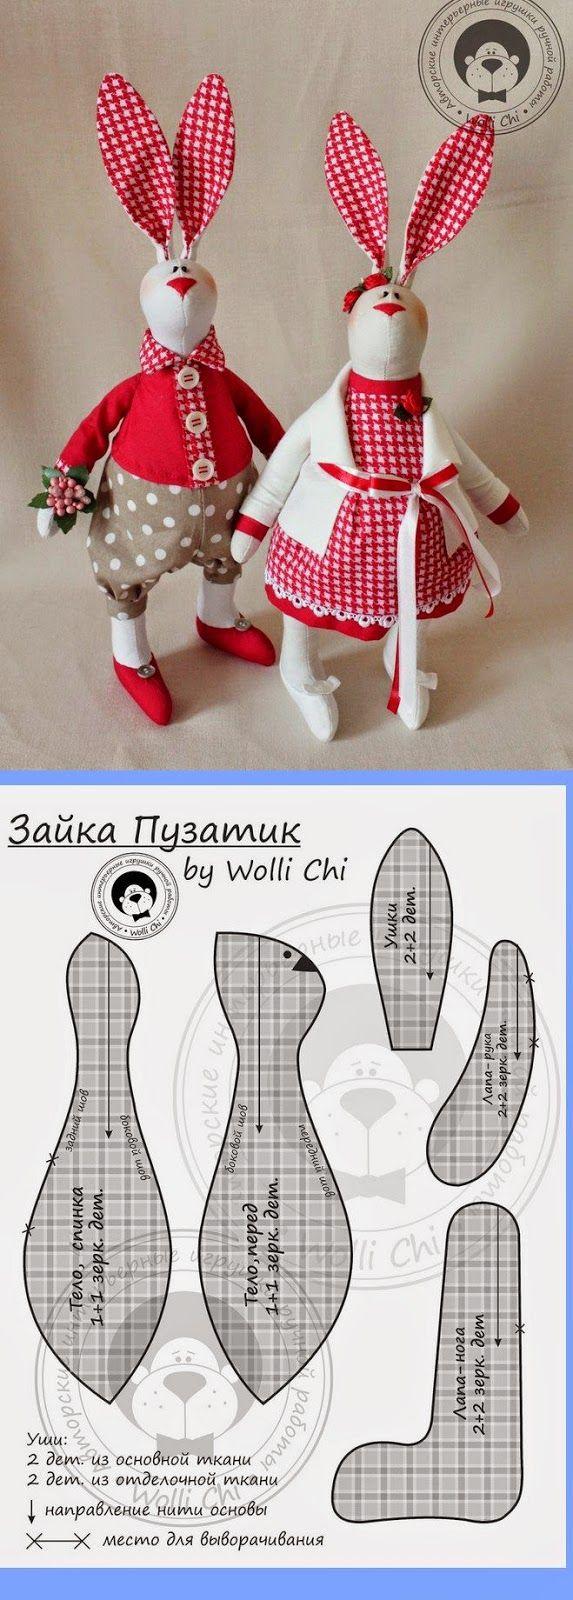 ARTE COM QUIANE - Paps,Moldes,E.V.A,Feltro,Costuras,Fofuchas 3D: Coelhos